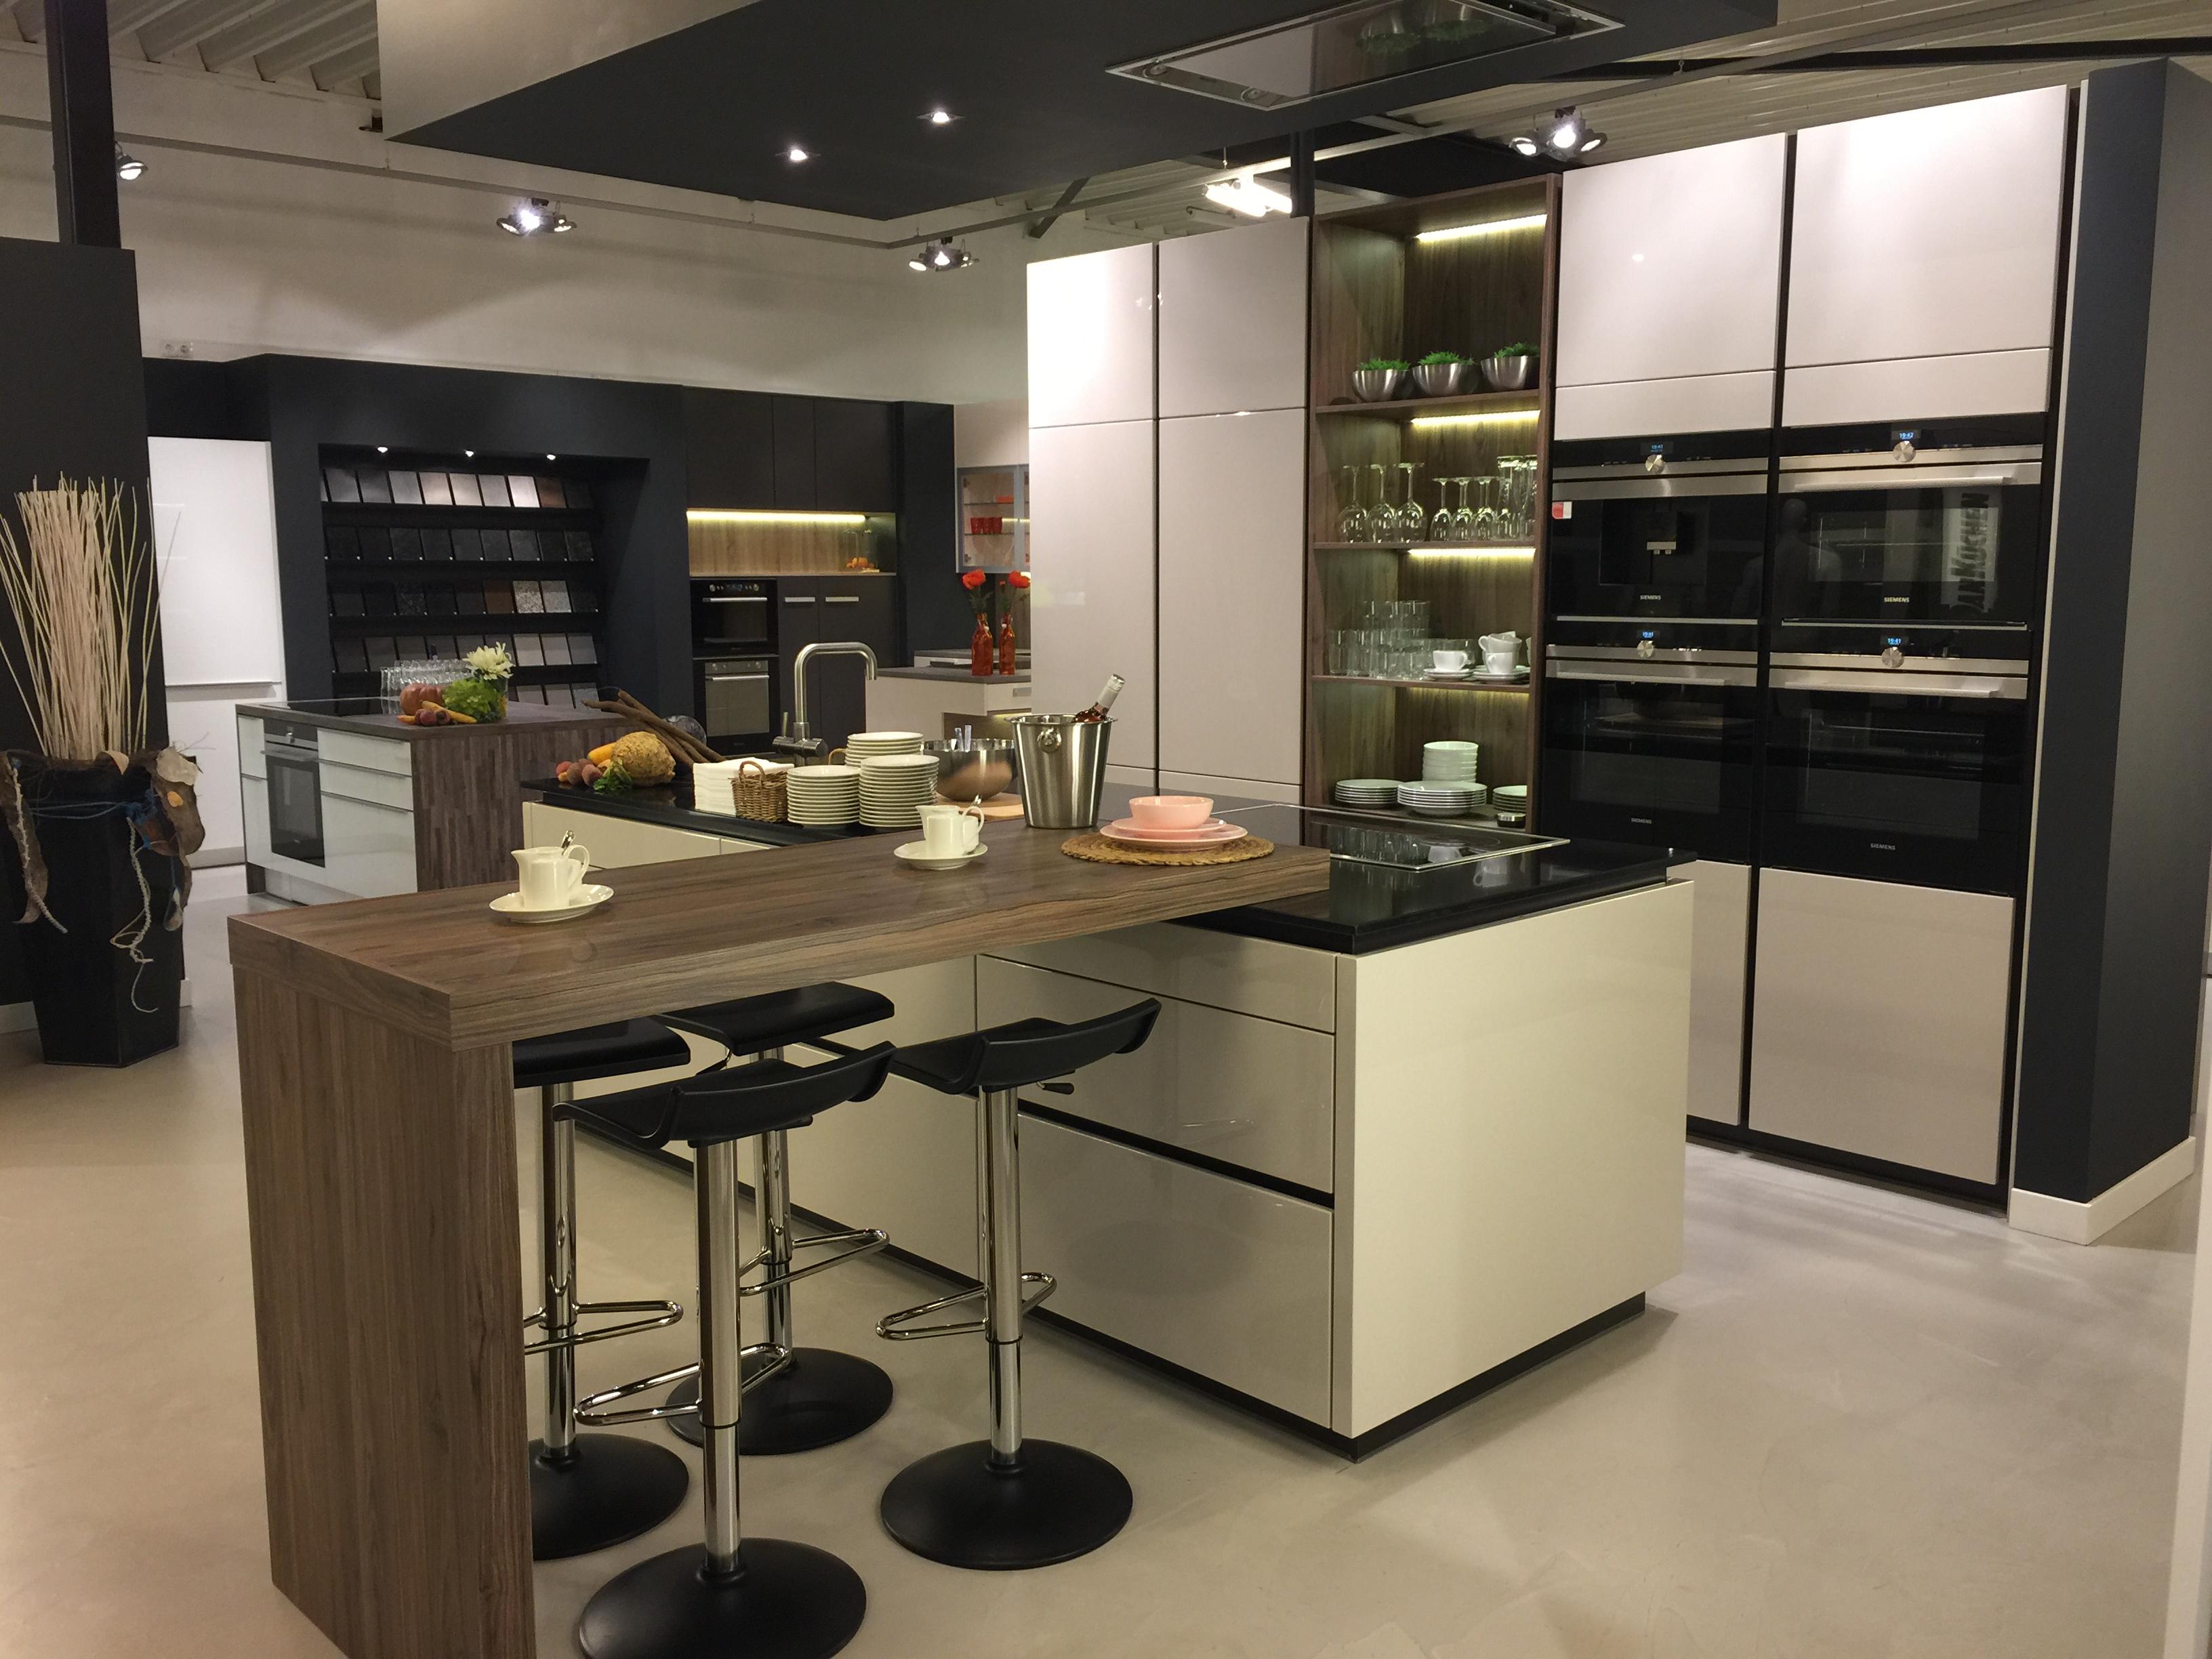 Dan k chen kunststof aanrechtbladen product in beeld startpagina voor keuken idee n uw - Bar design keuken ...